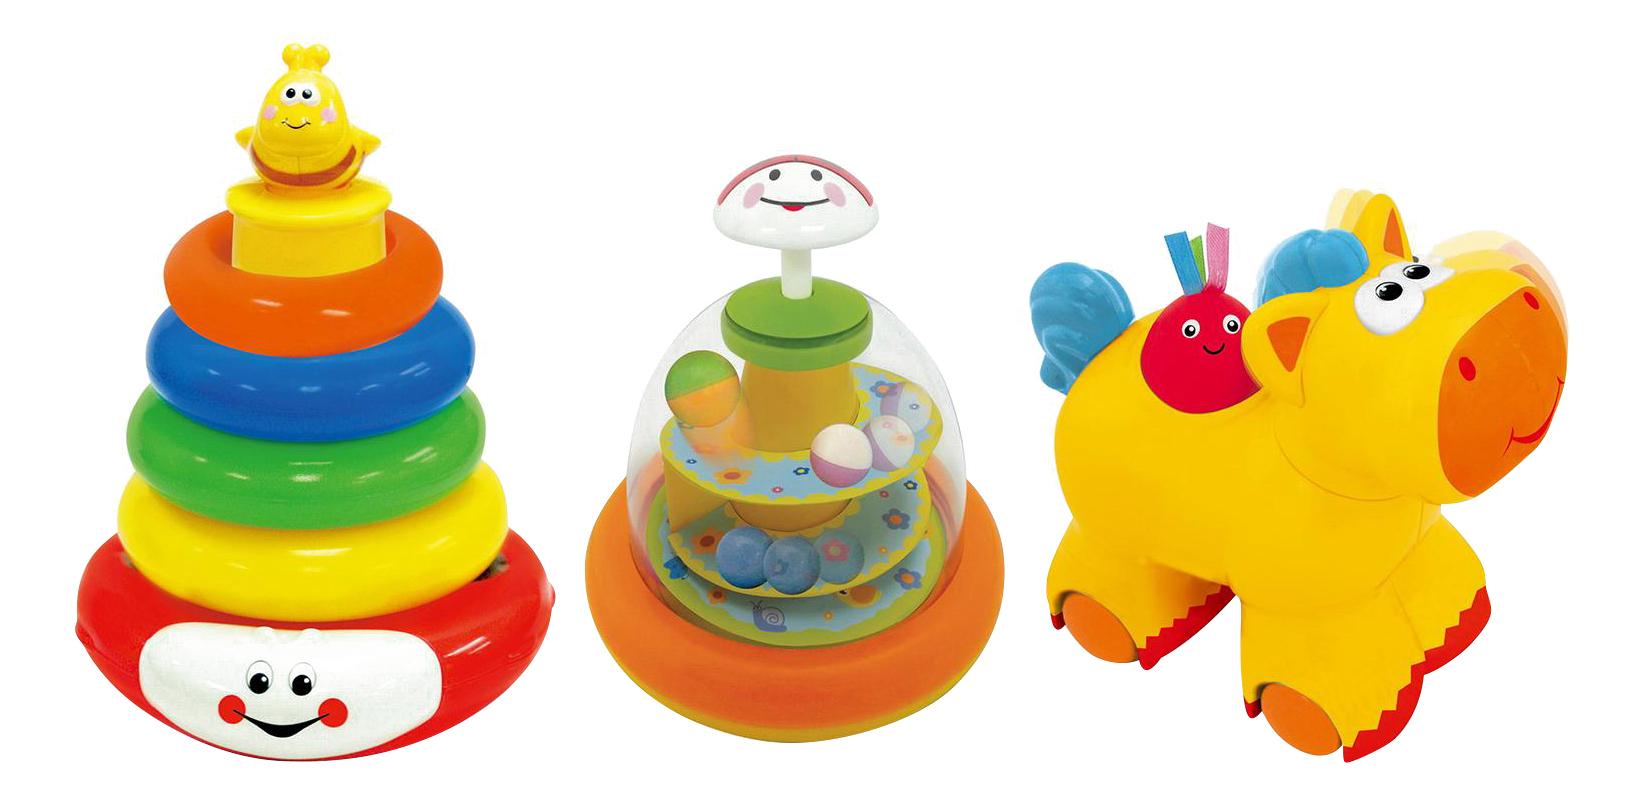 Купить Развивающая игрушка Kiddieland Юла, пирамида, каталка, Развивающие игрушки